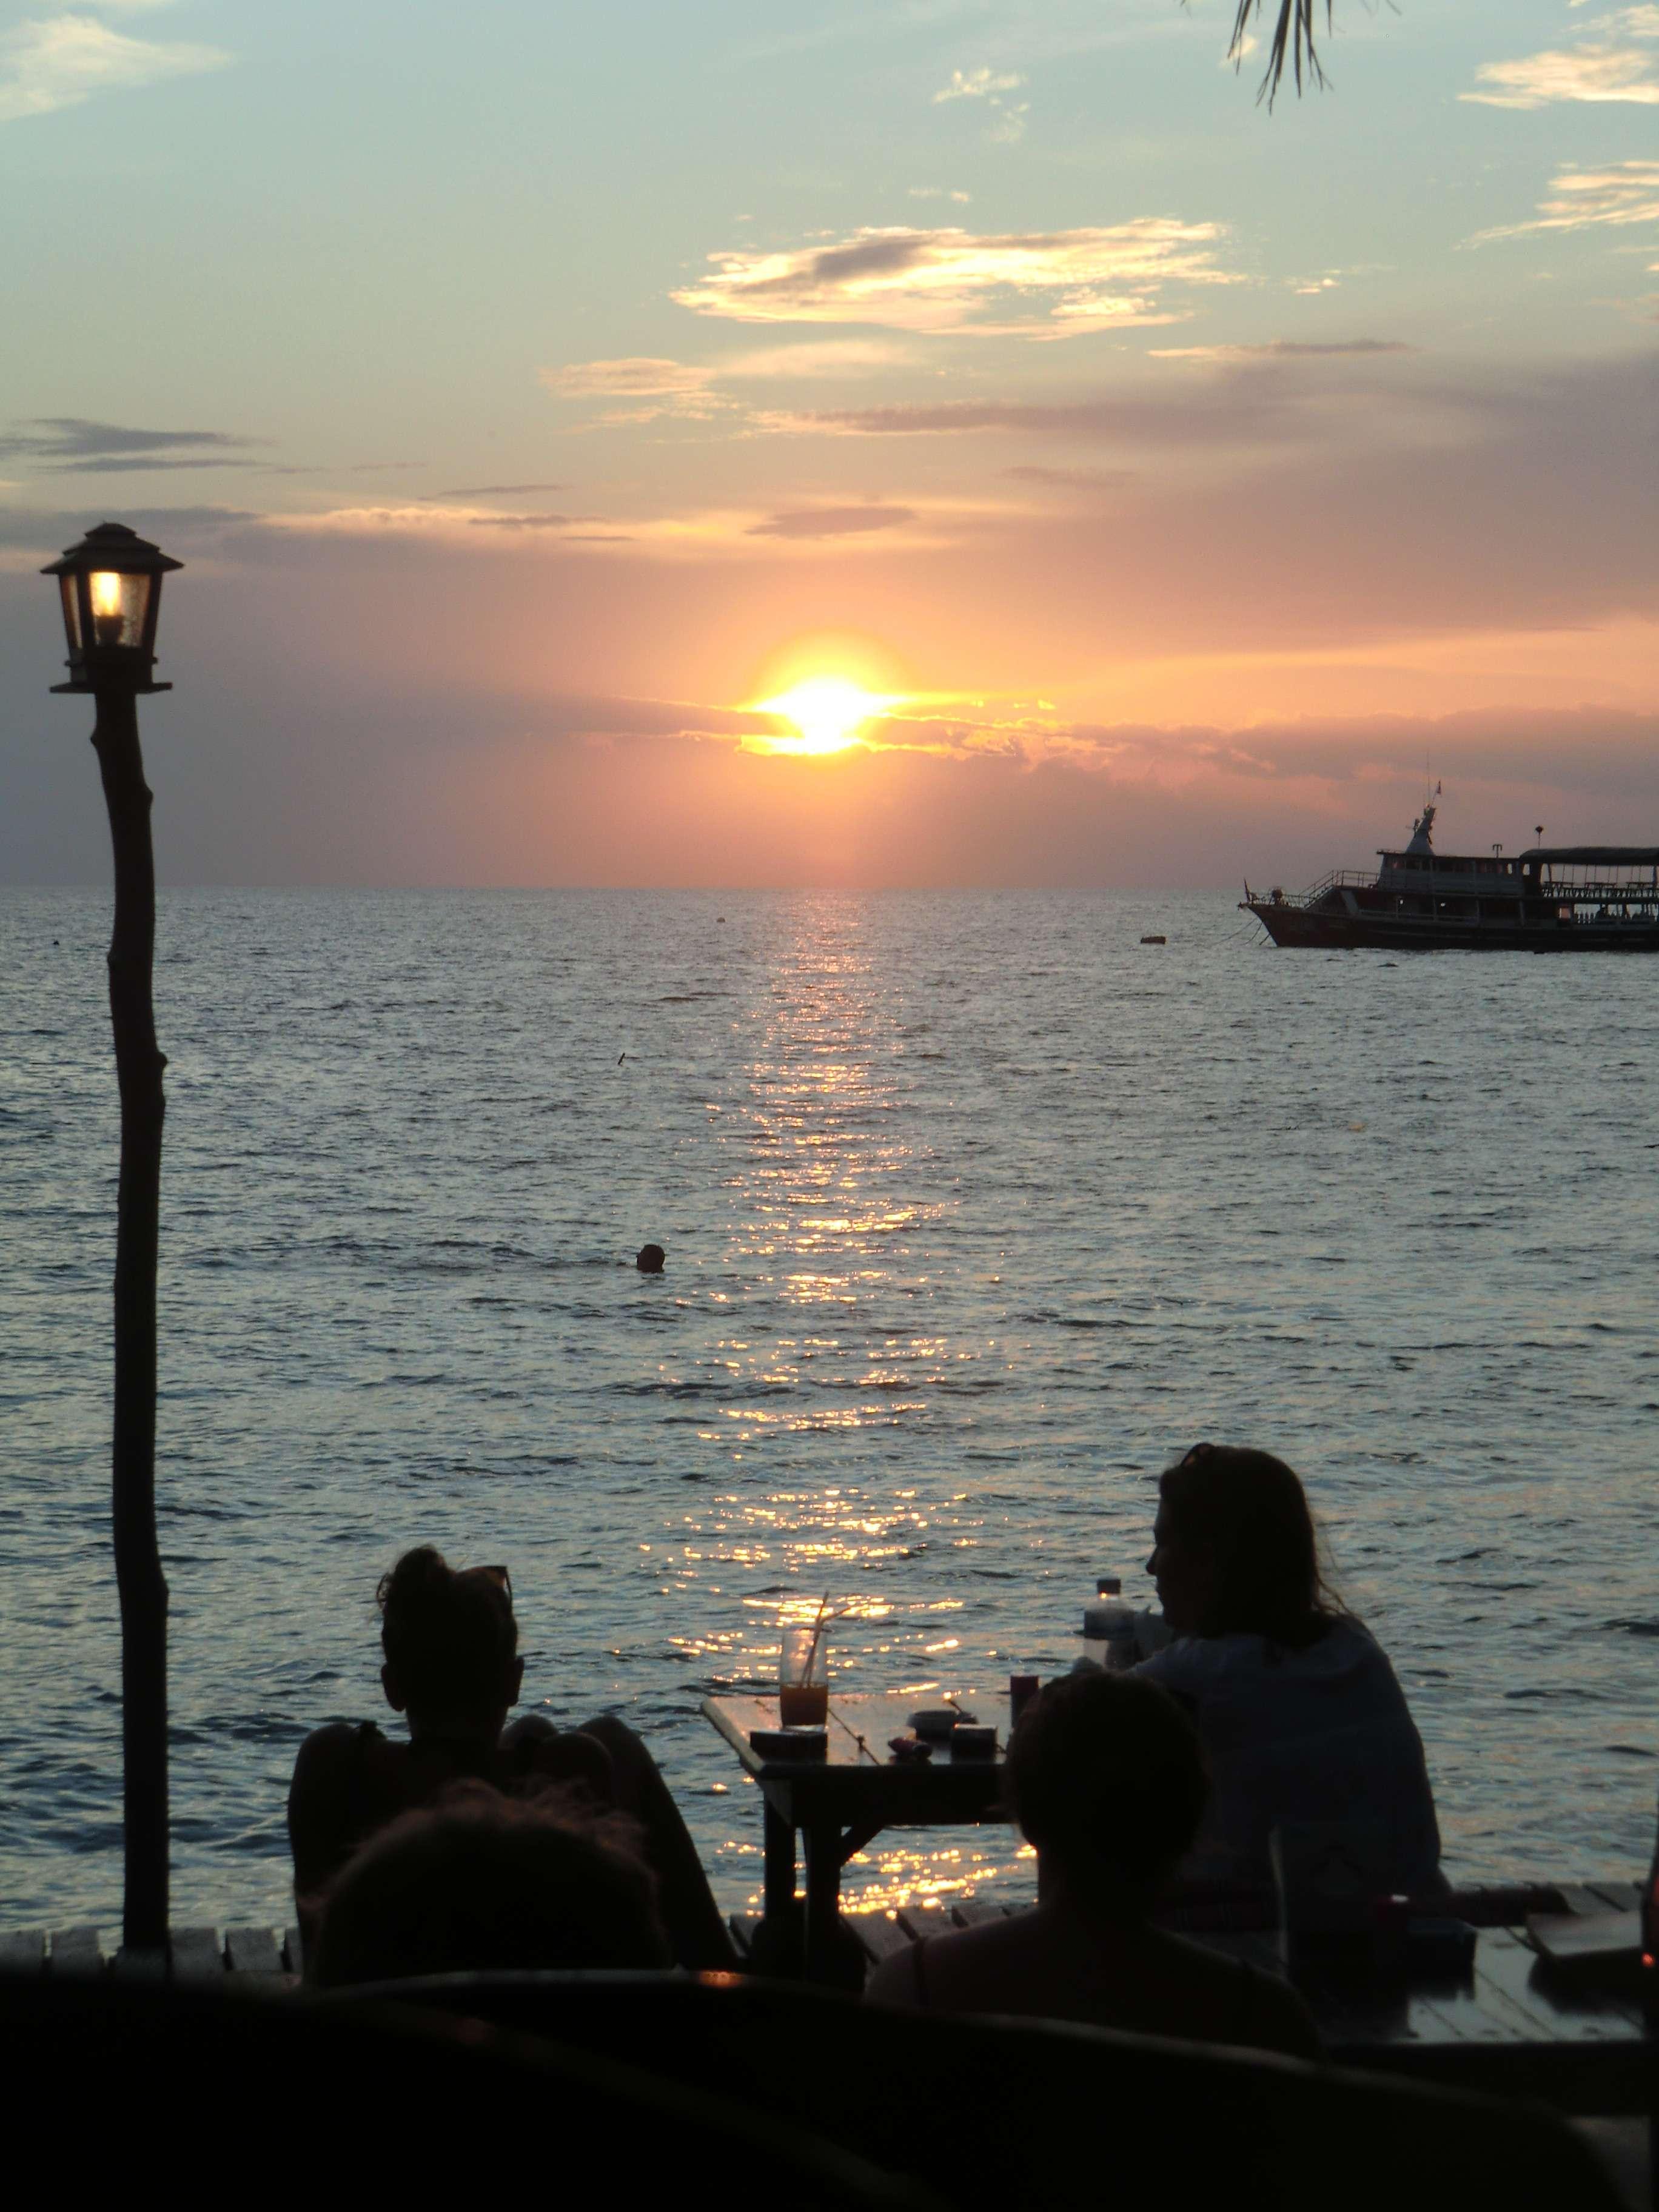 Sonnenuntergang für Romantiker